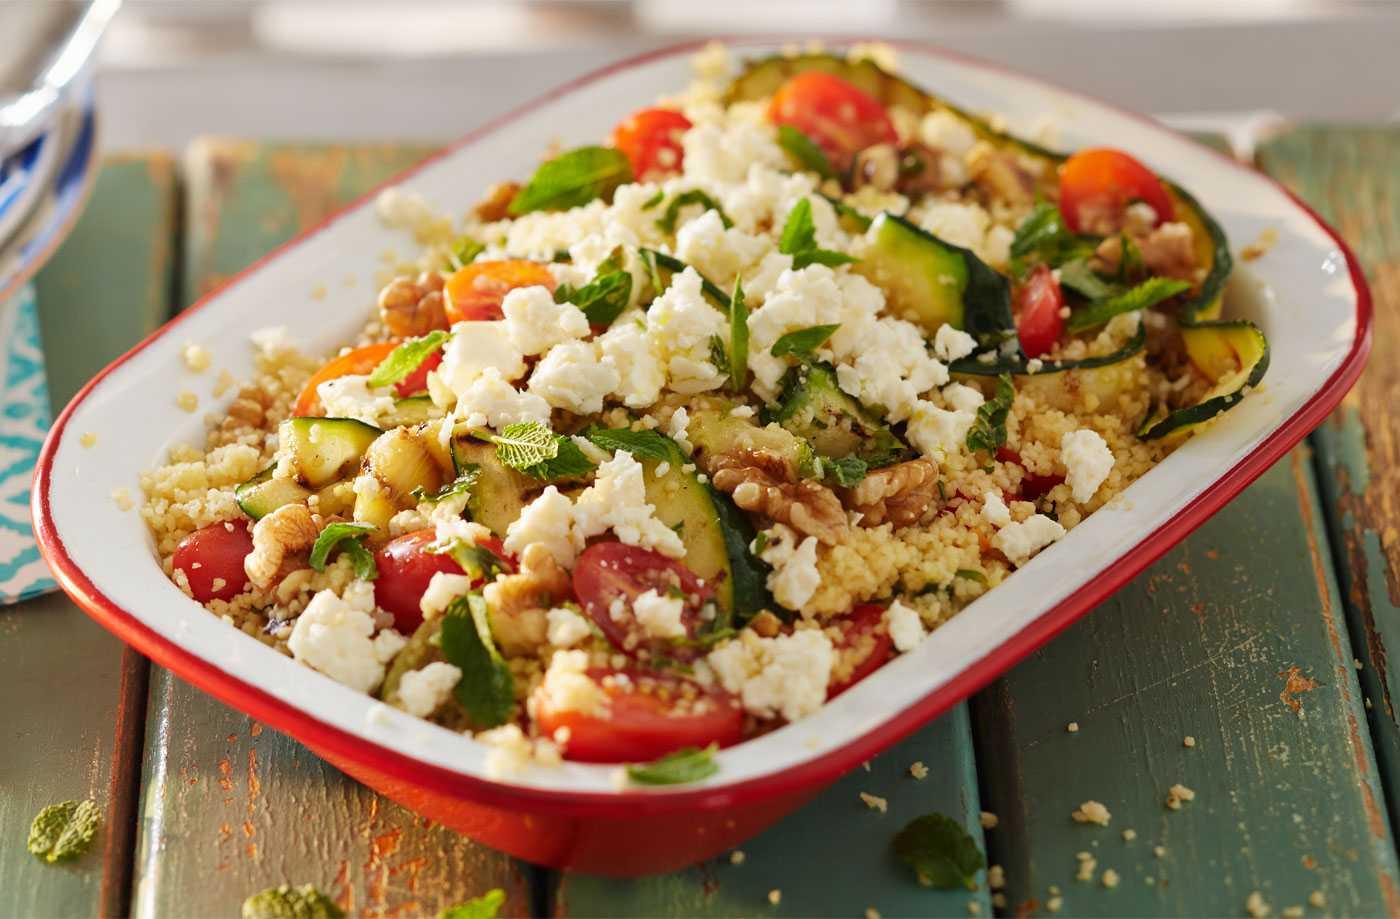 Салат с куриной грудкой - 147 рецептов приготовления пошагово - 1000.menu